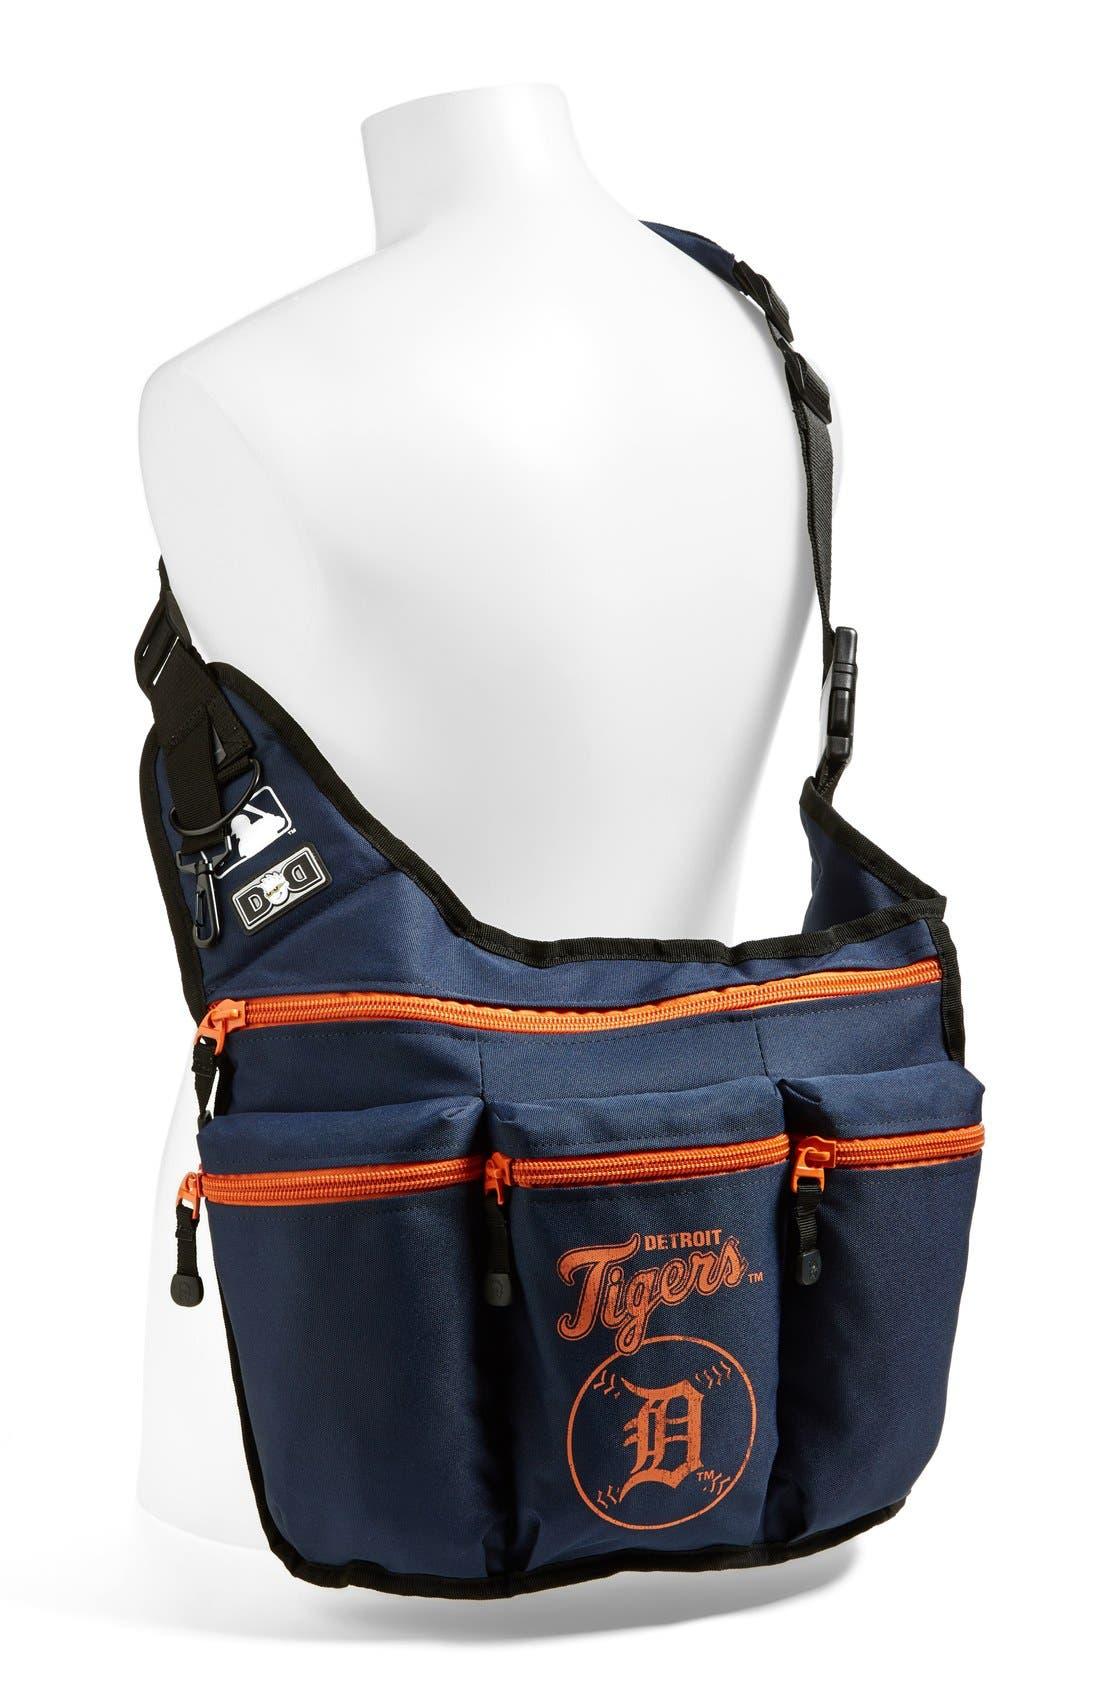 Alternate Image 2  - Diaper Dude 'Detroit Tigers' Messenger Diaper Bag